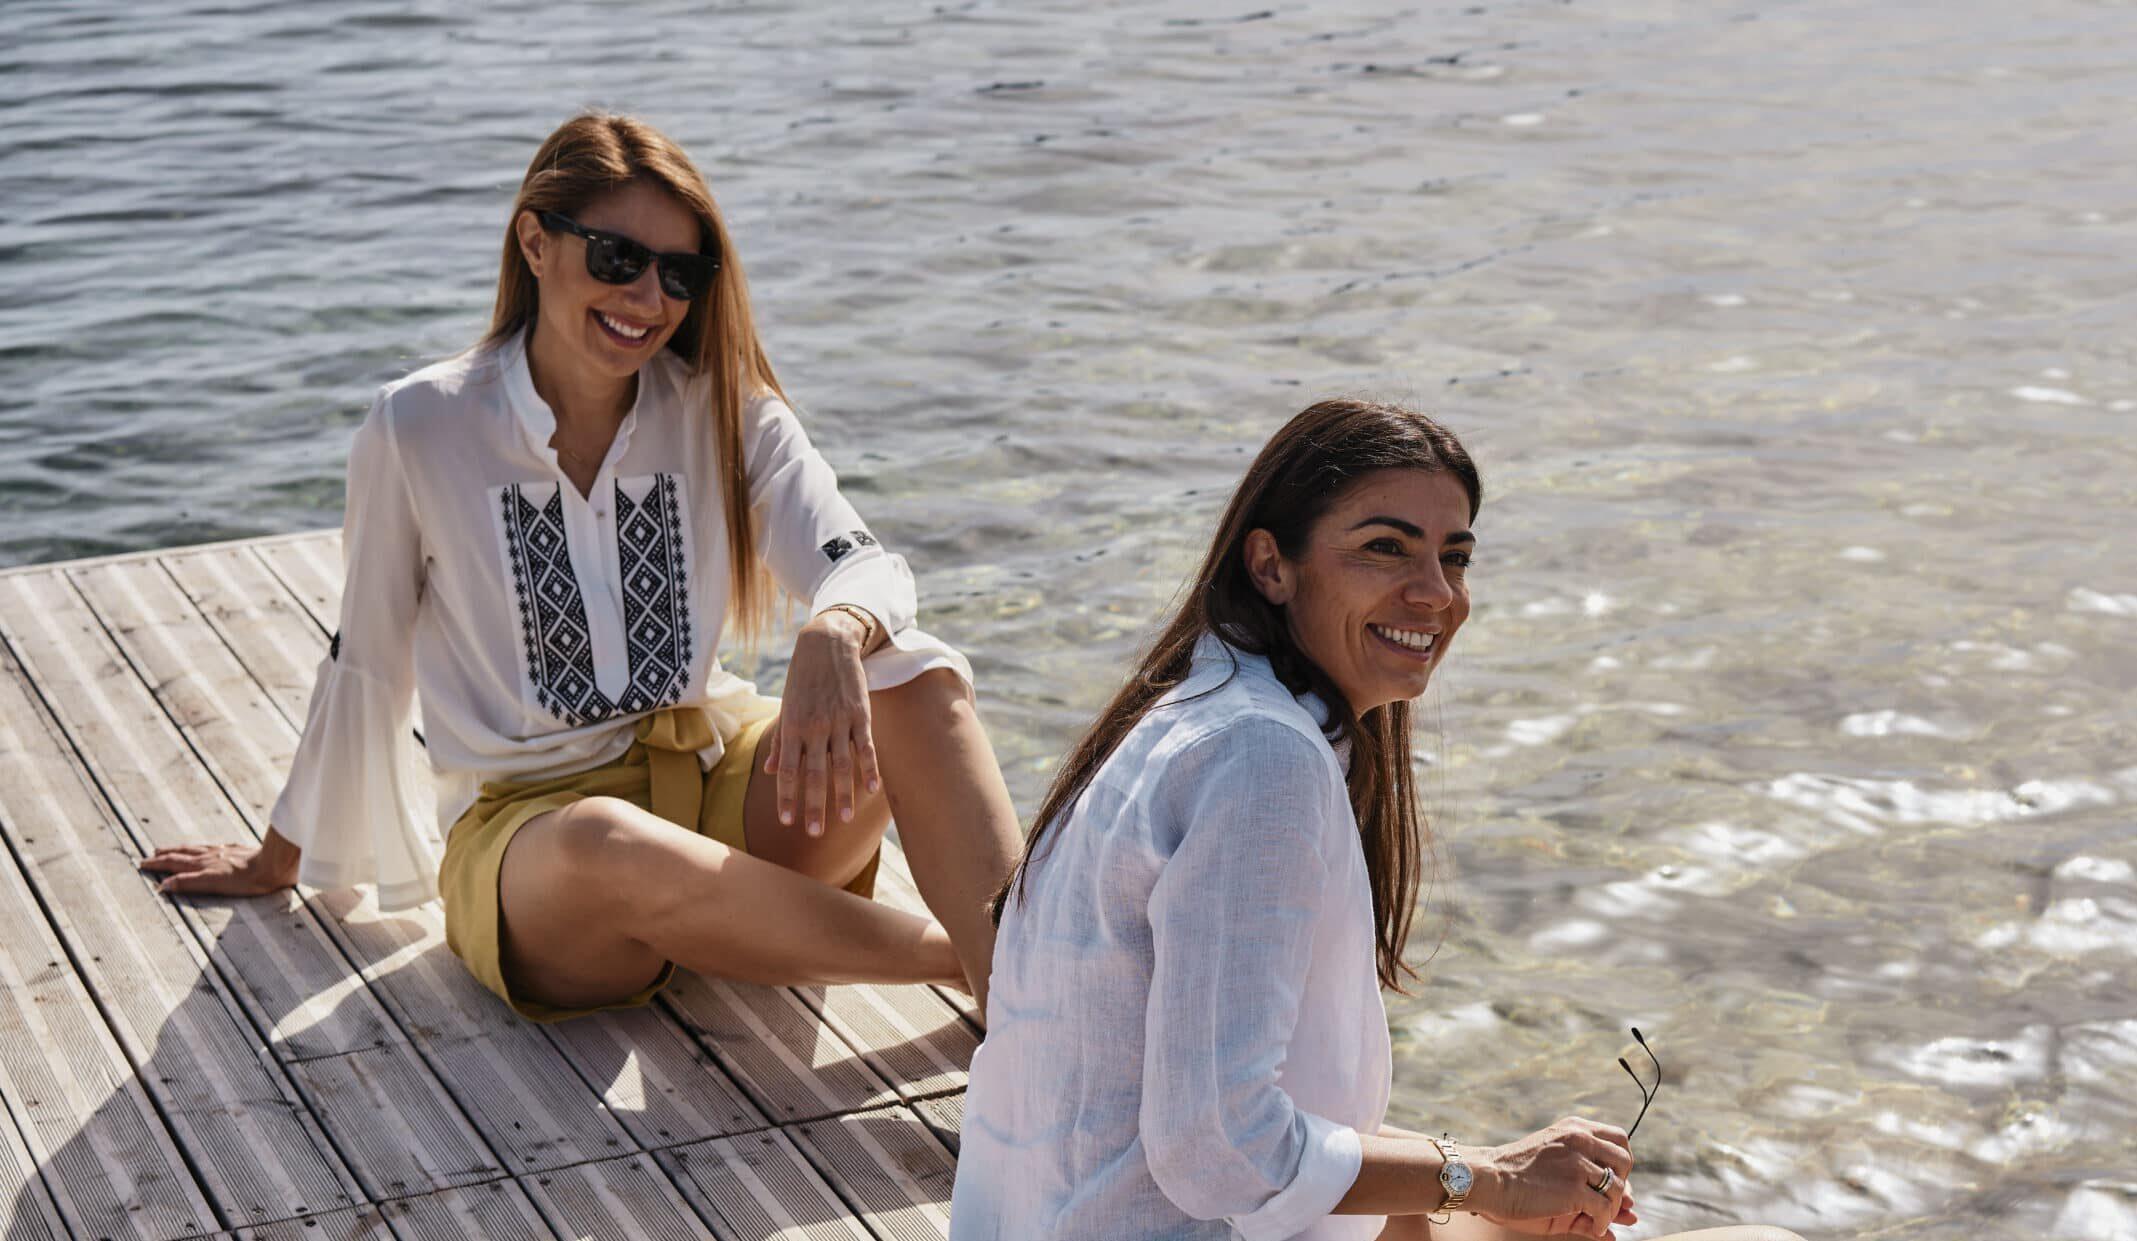 Agapi & Contantza Sbokou Recreating Crete